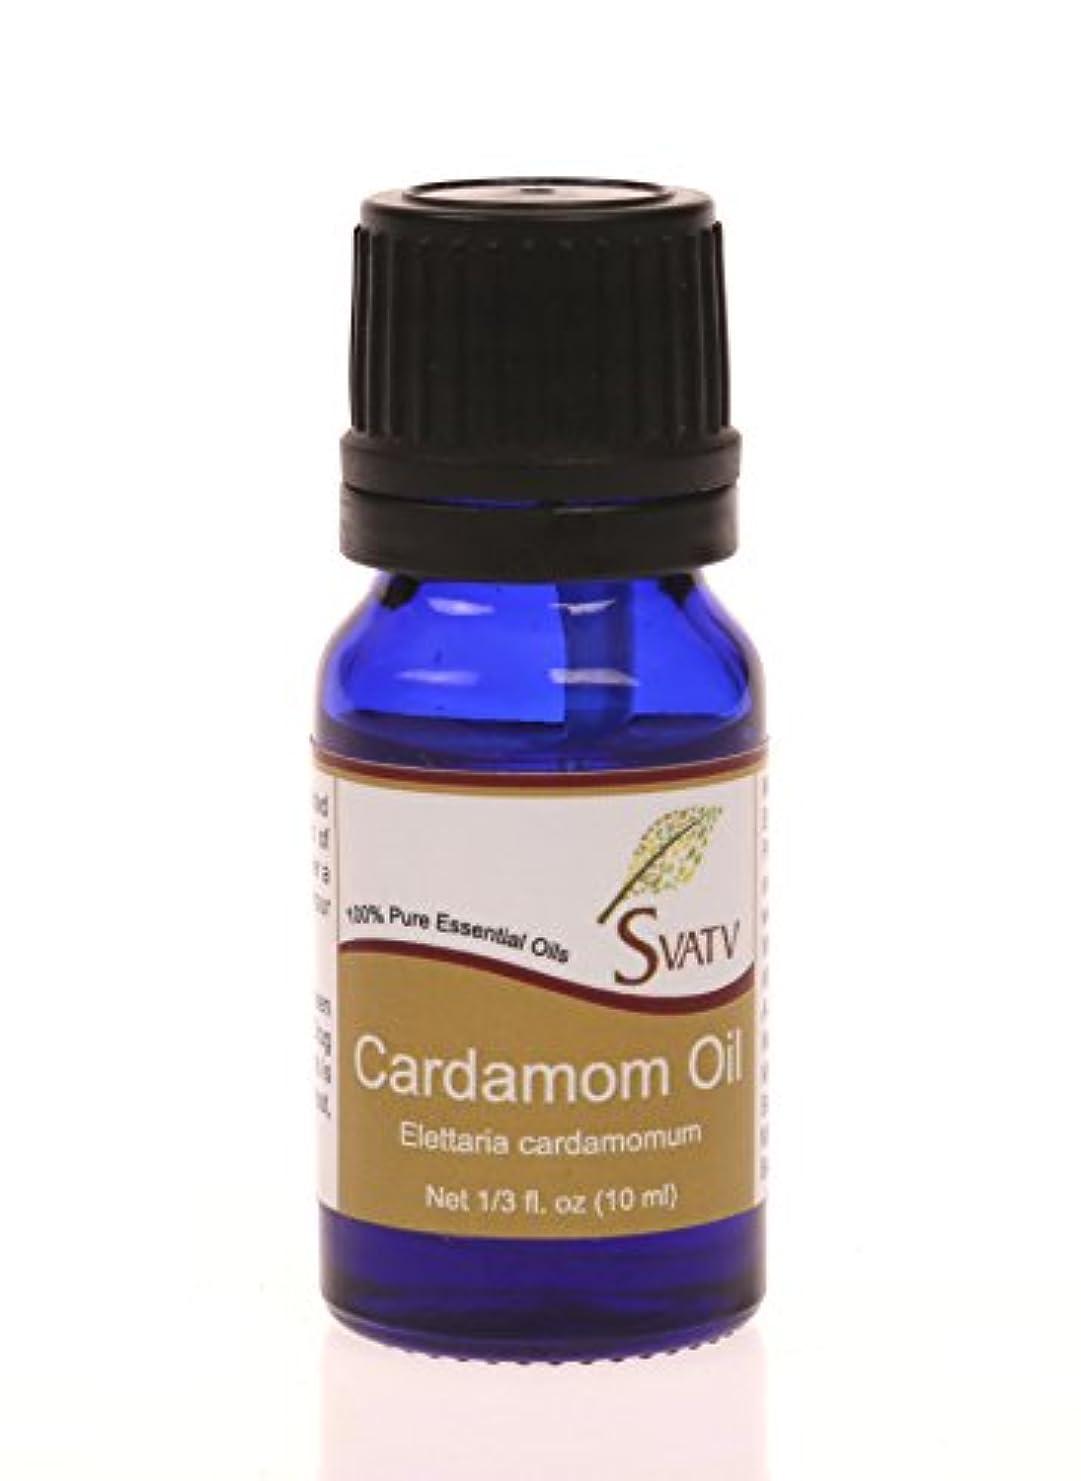 成人期呼吸コンパイルSVATVカルダモン(Elettaria cardamomum)エッセンシャルオイル10mL(1/3オンス)100%純粋で無希釈、治療グレード